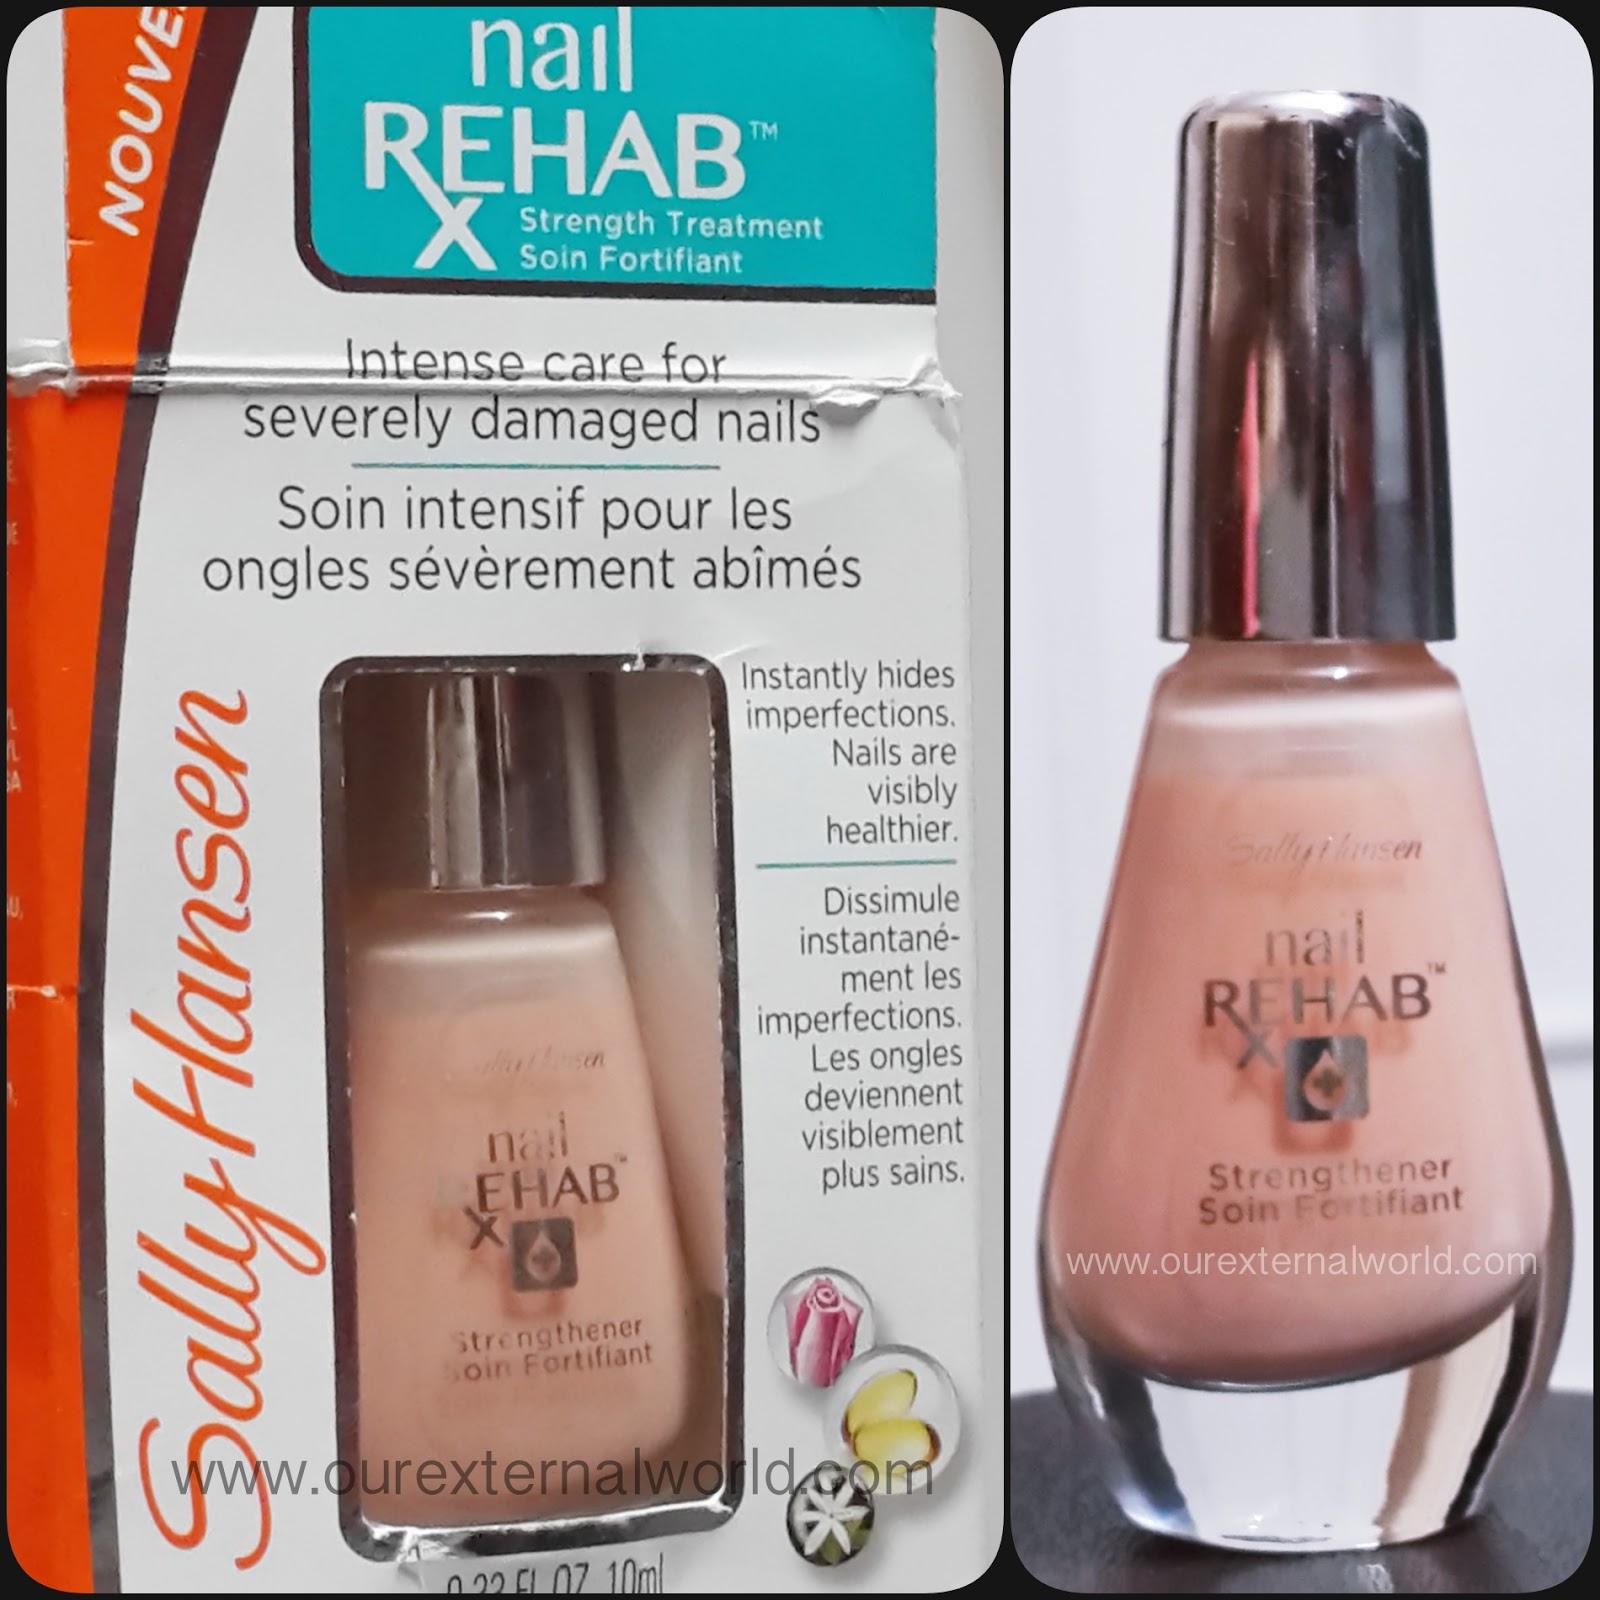 Sally Hansen Nail Rehab - Repair Damaged Nails - Review